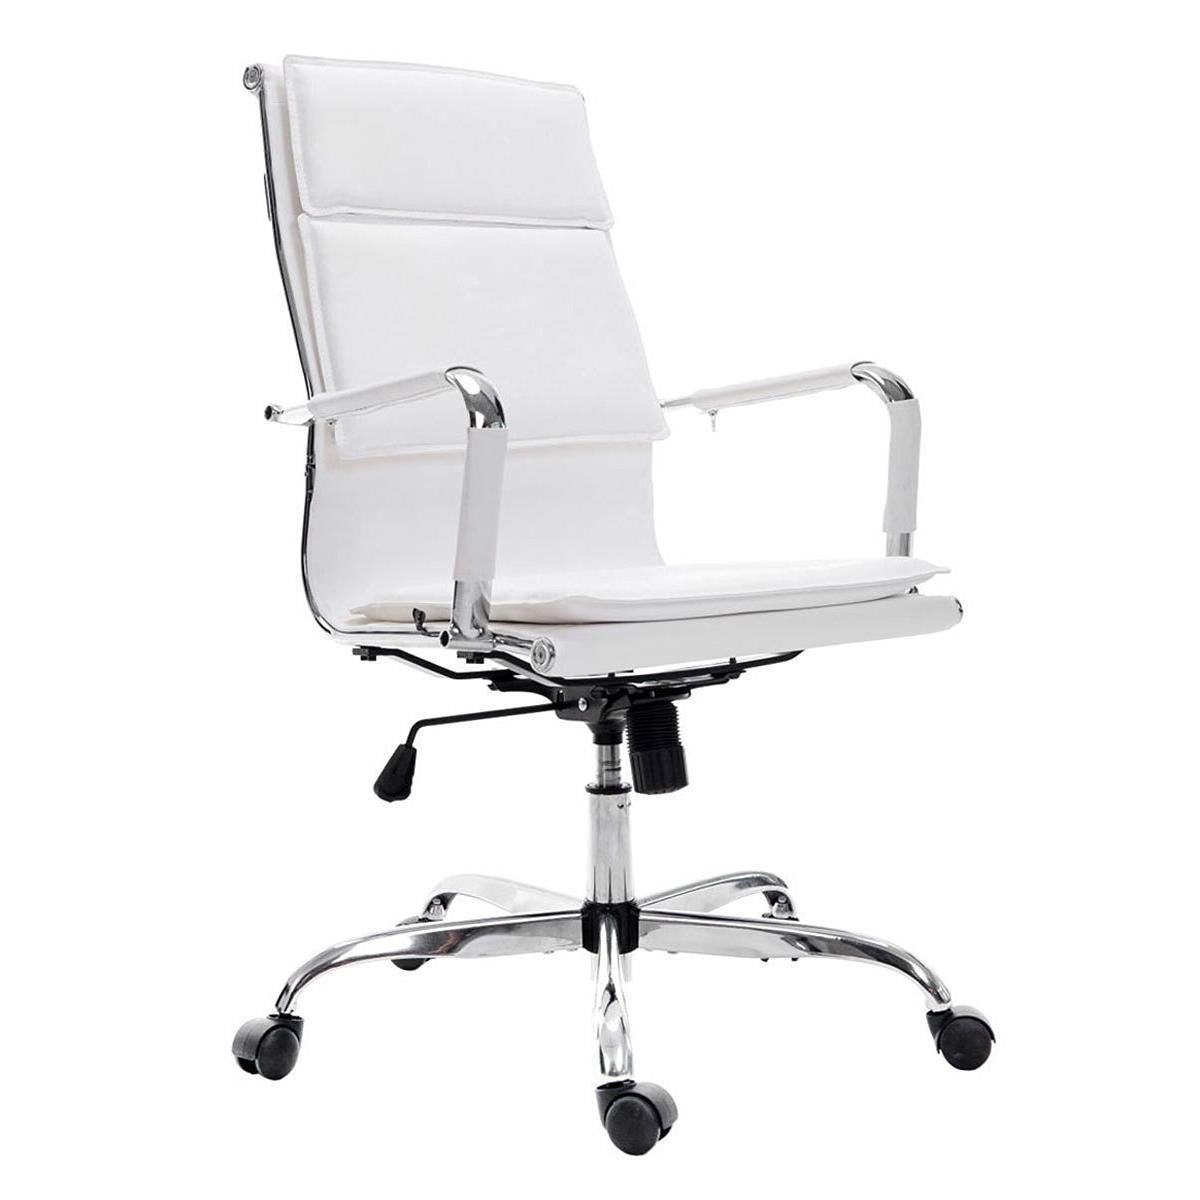 Silla de oficina anatolia en color blanco silla de for Sillas de piel blancas